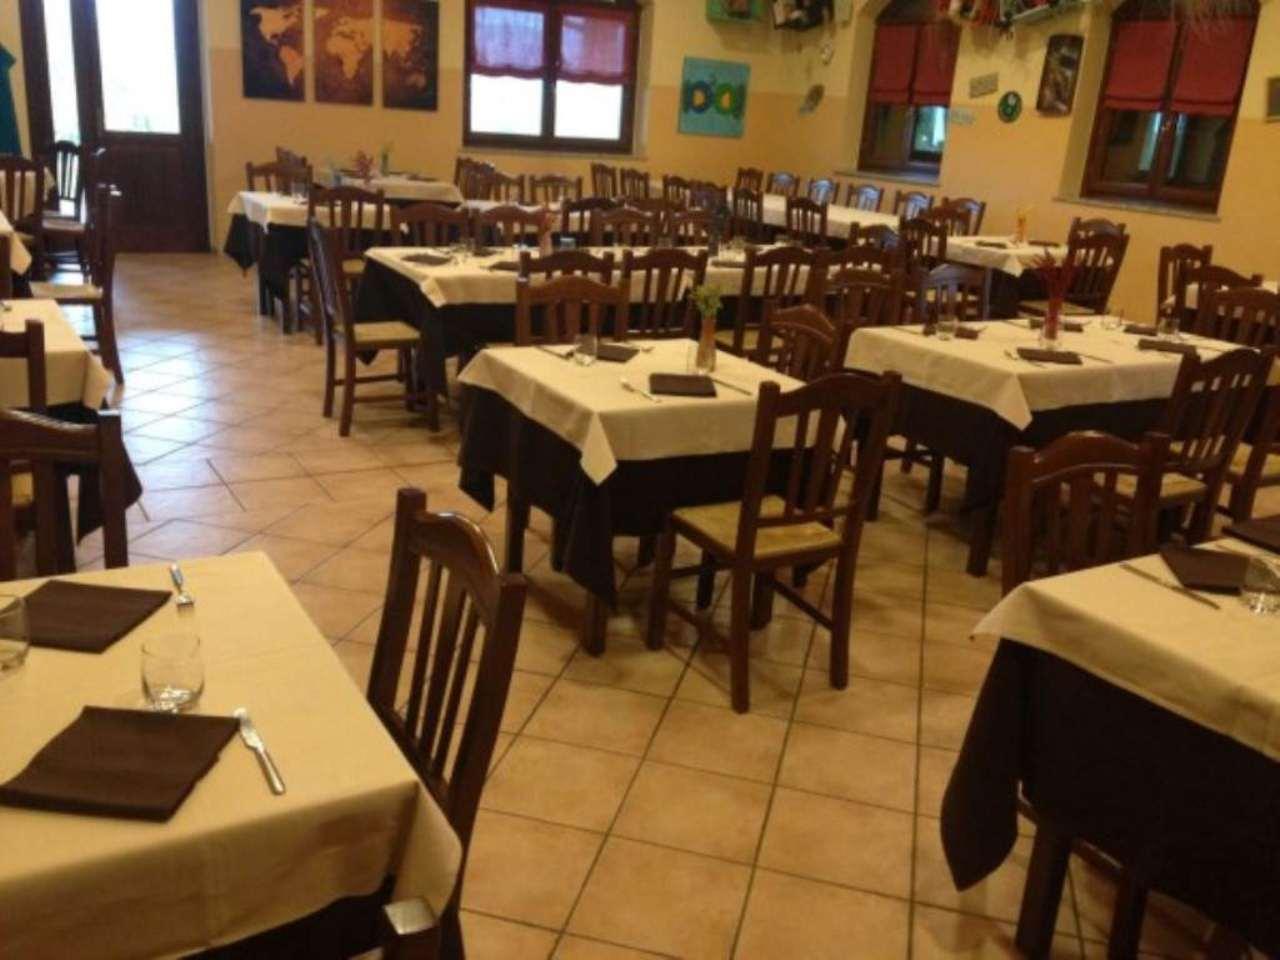 Ristorante / Pizzeria / Trattoria in vendita a Dogliani, 6 locali, Trattative riservate | Cambio Casa.it